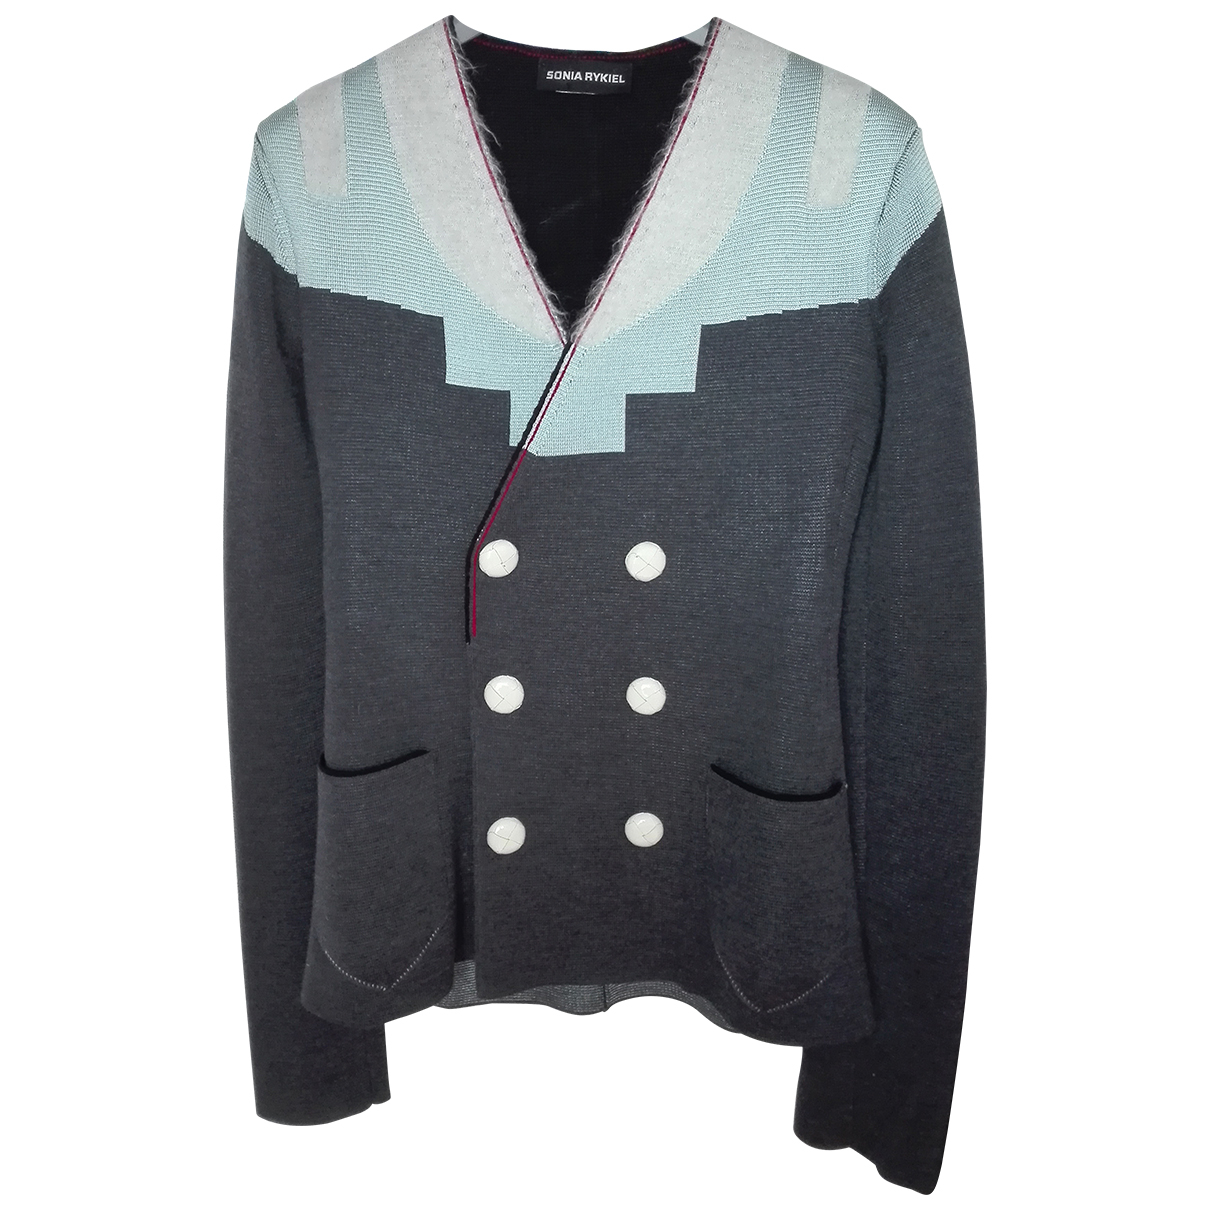 Sonia Rykiel - Veste   pour femme en laine - gris